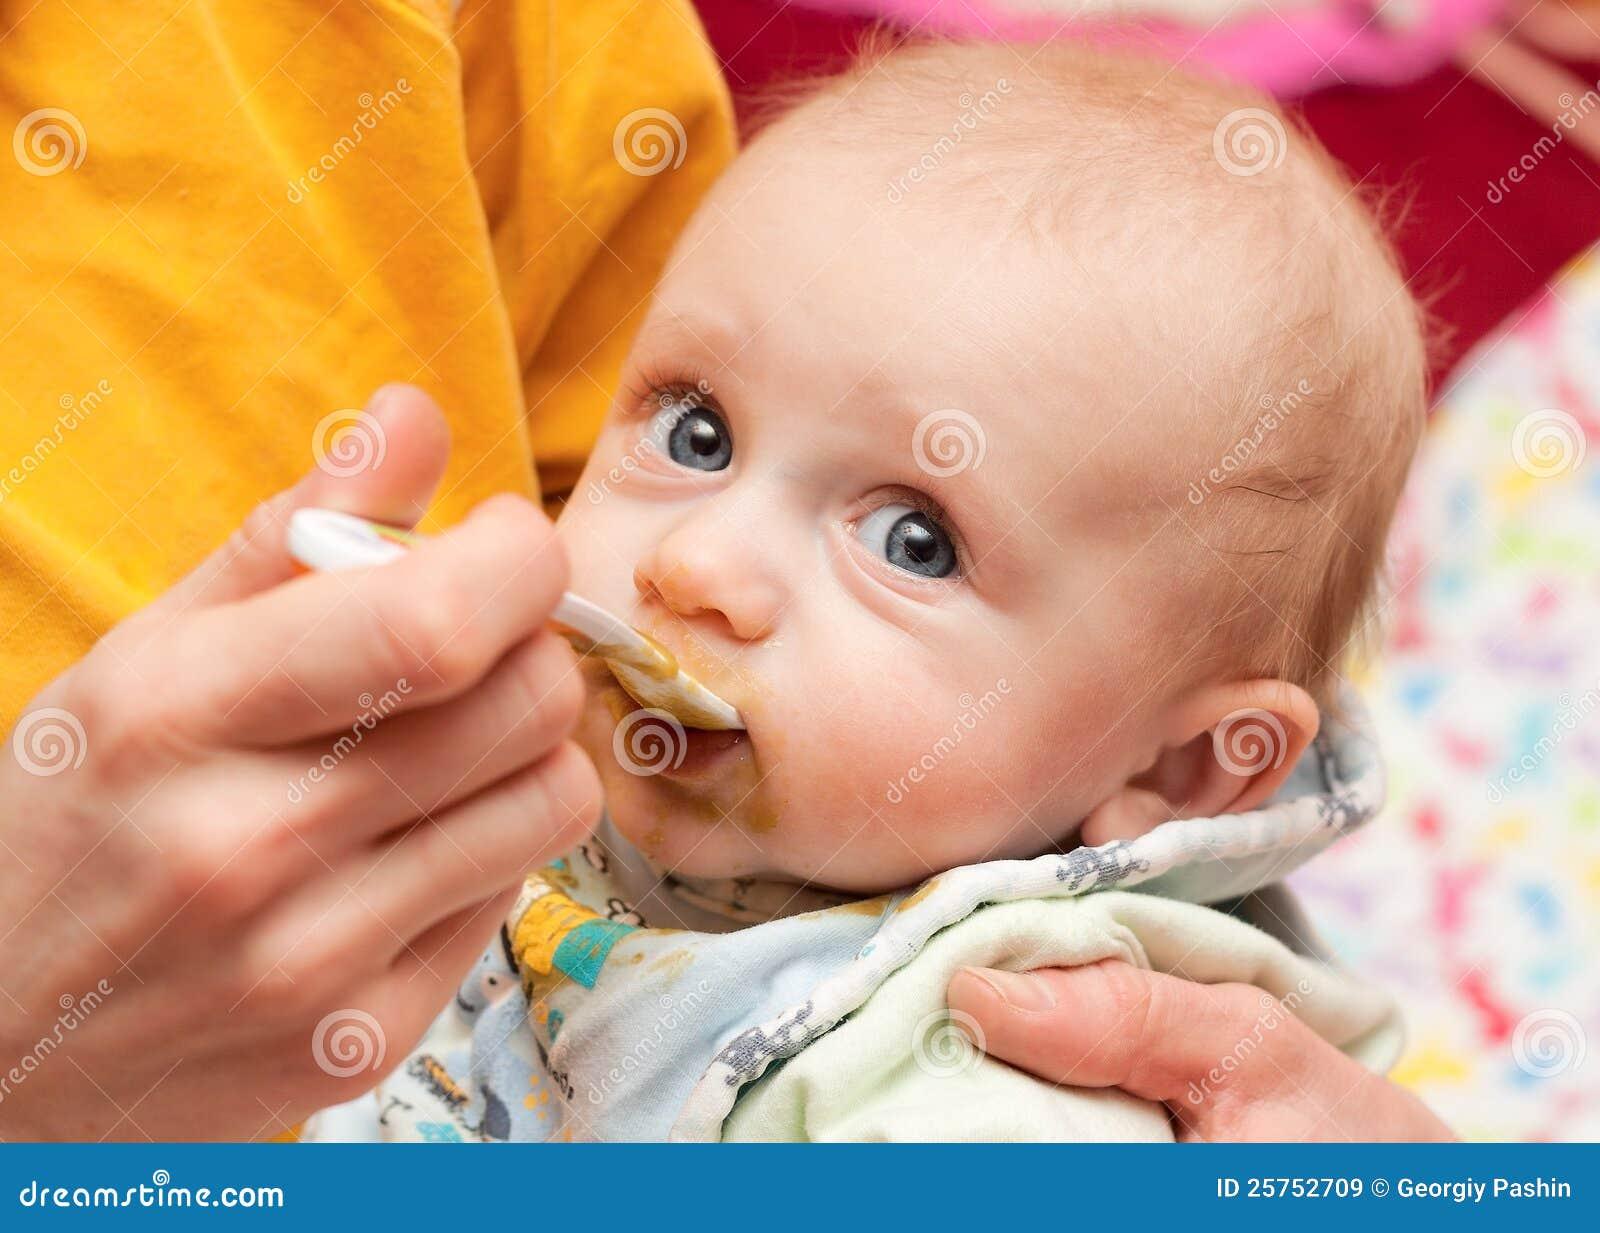 Прикорм грудных детей фото